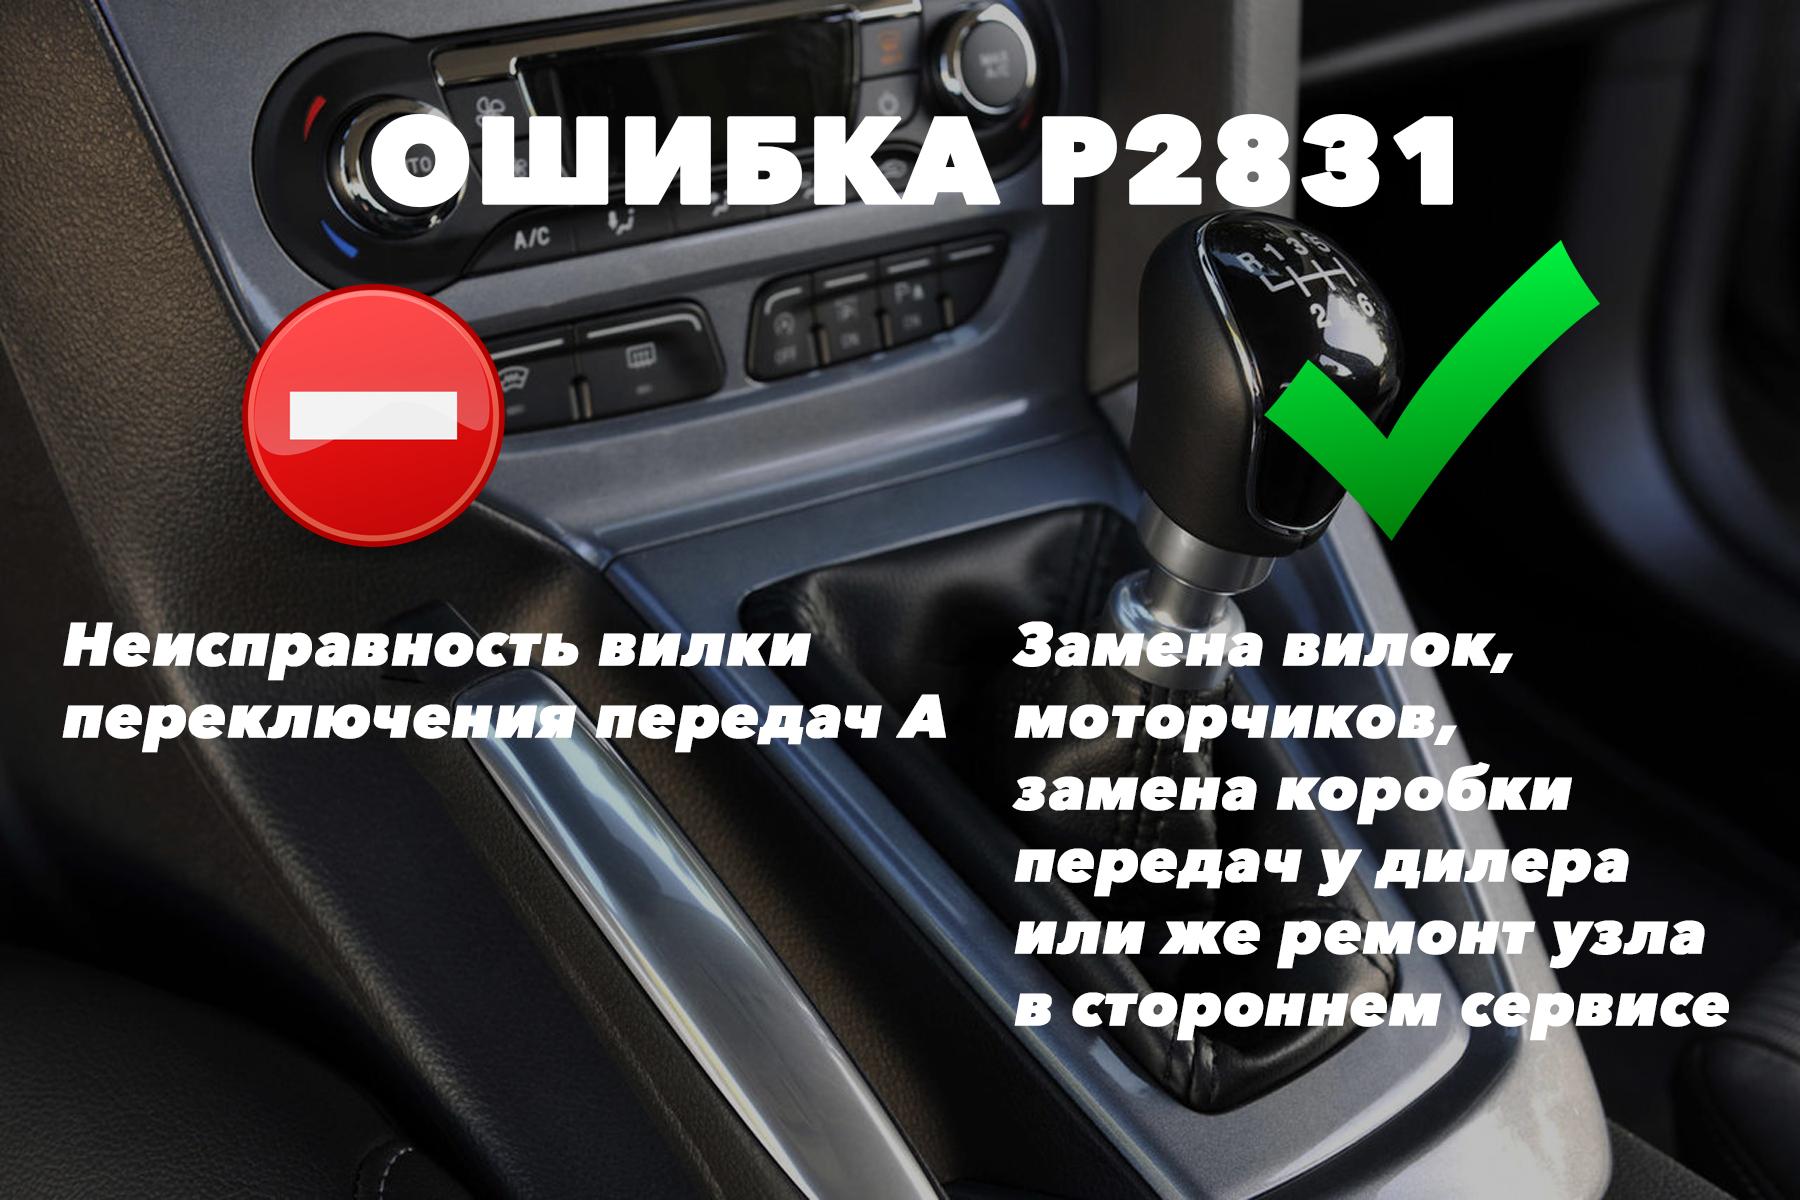 Ошибка P2831 Форд Фокус 3